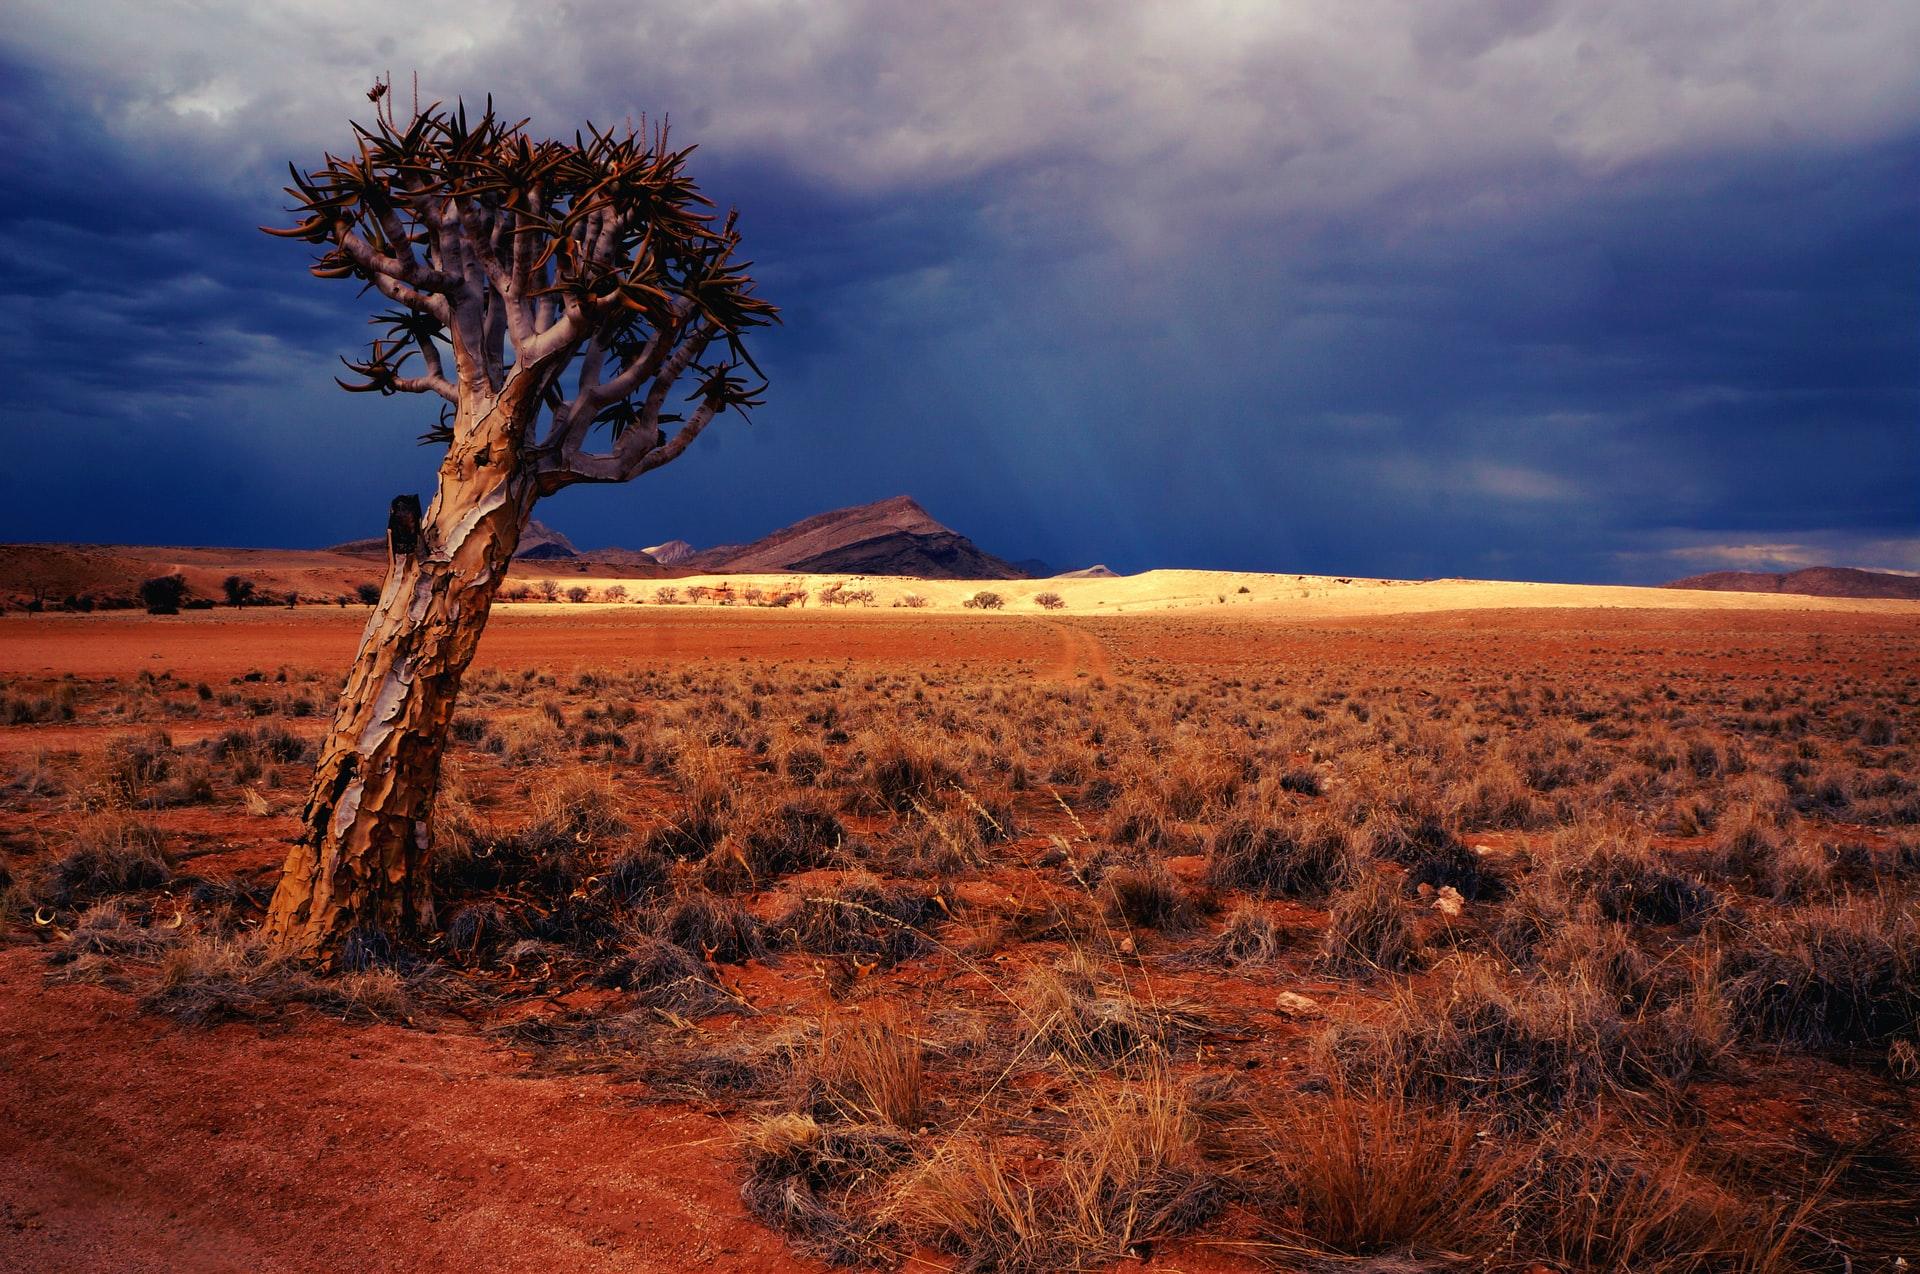 アフリカの砂漠化の現状